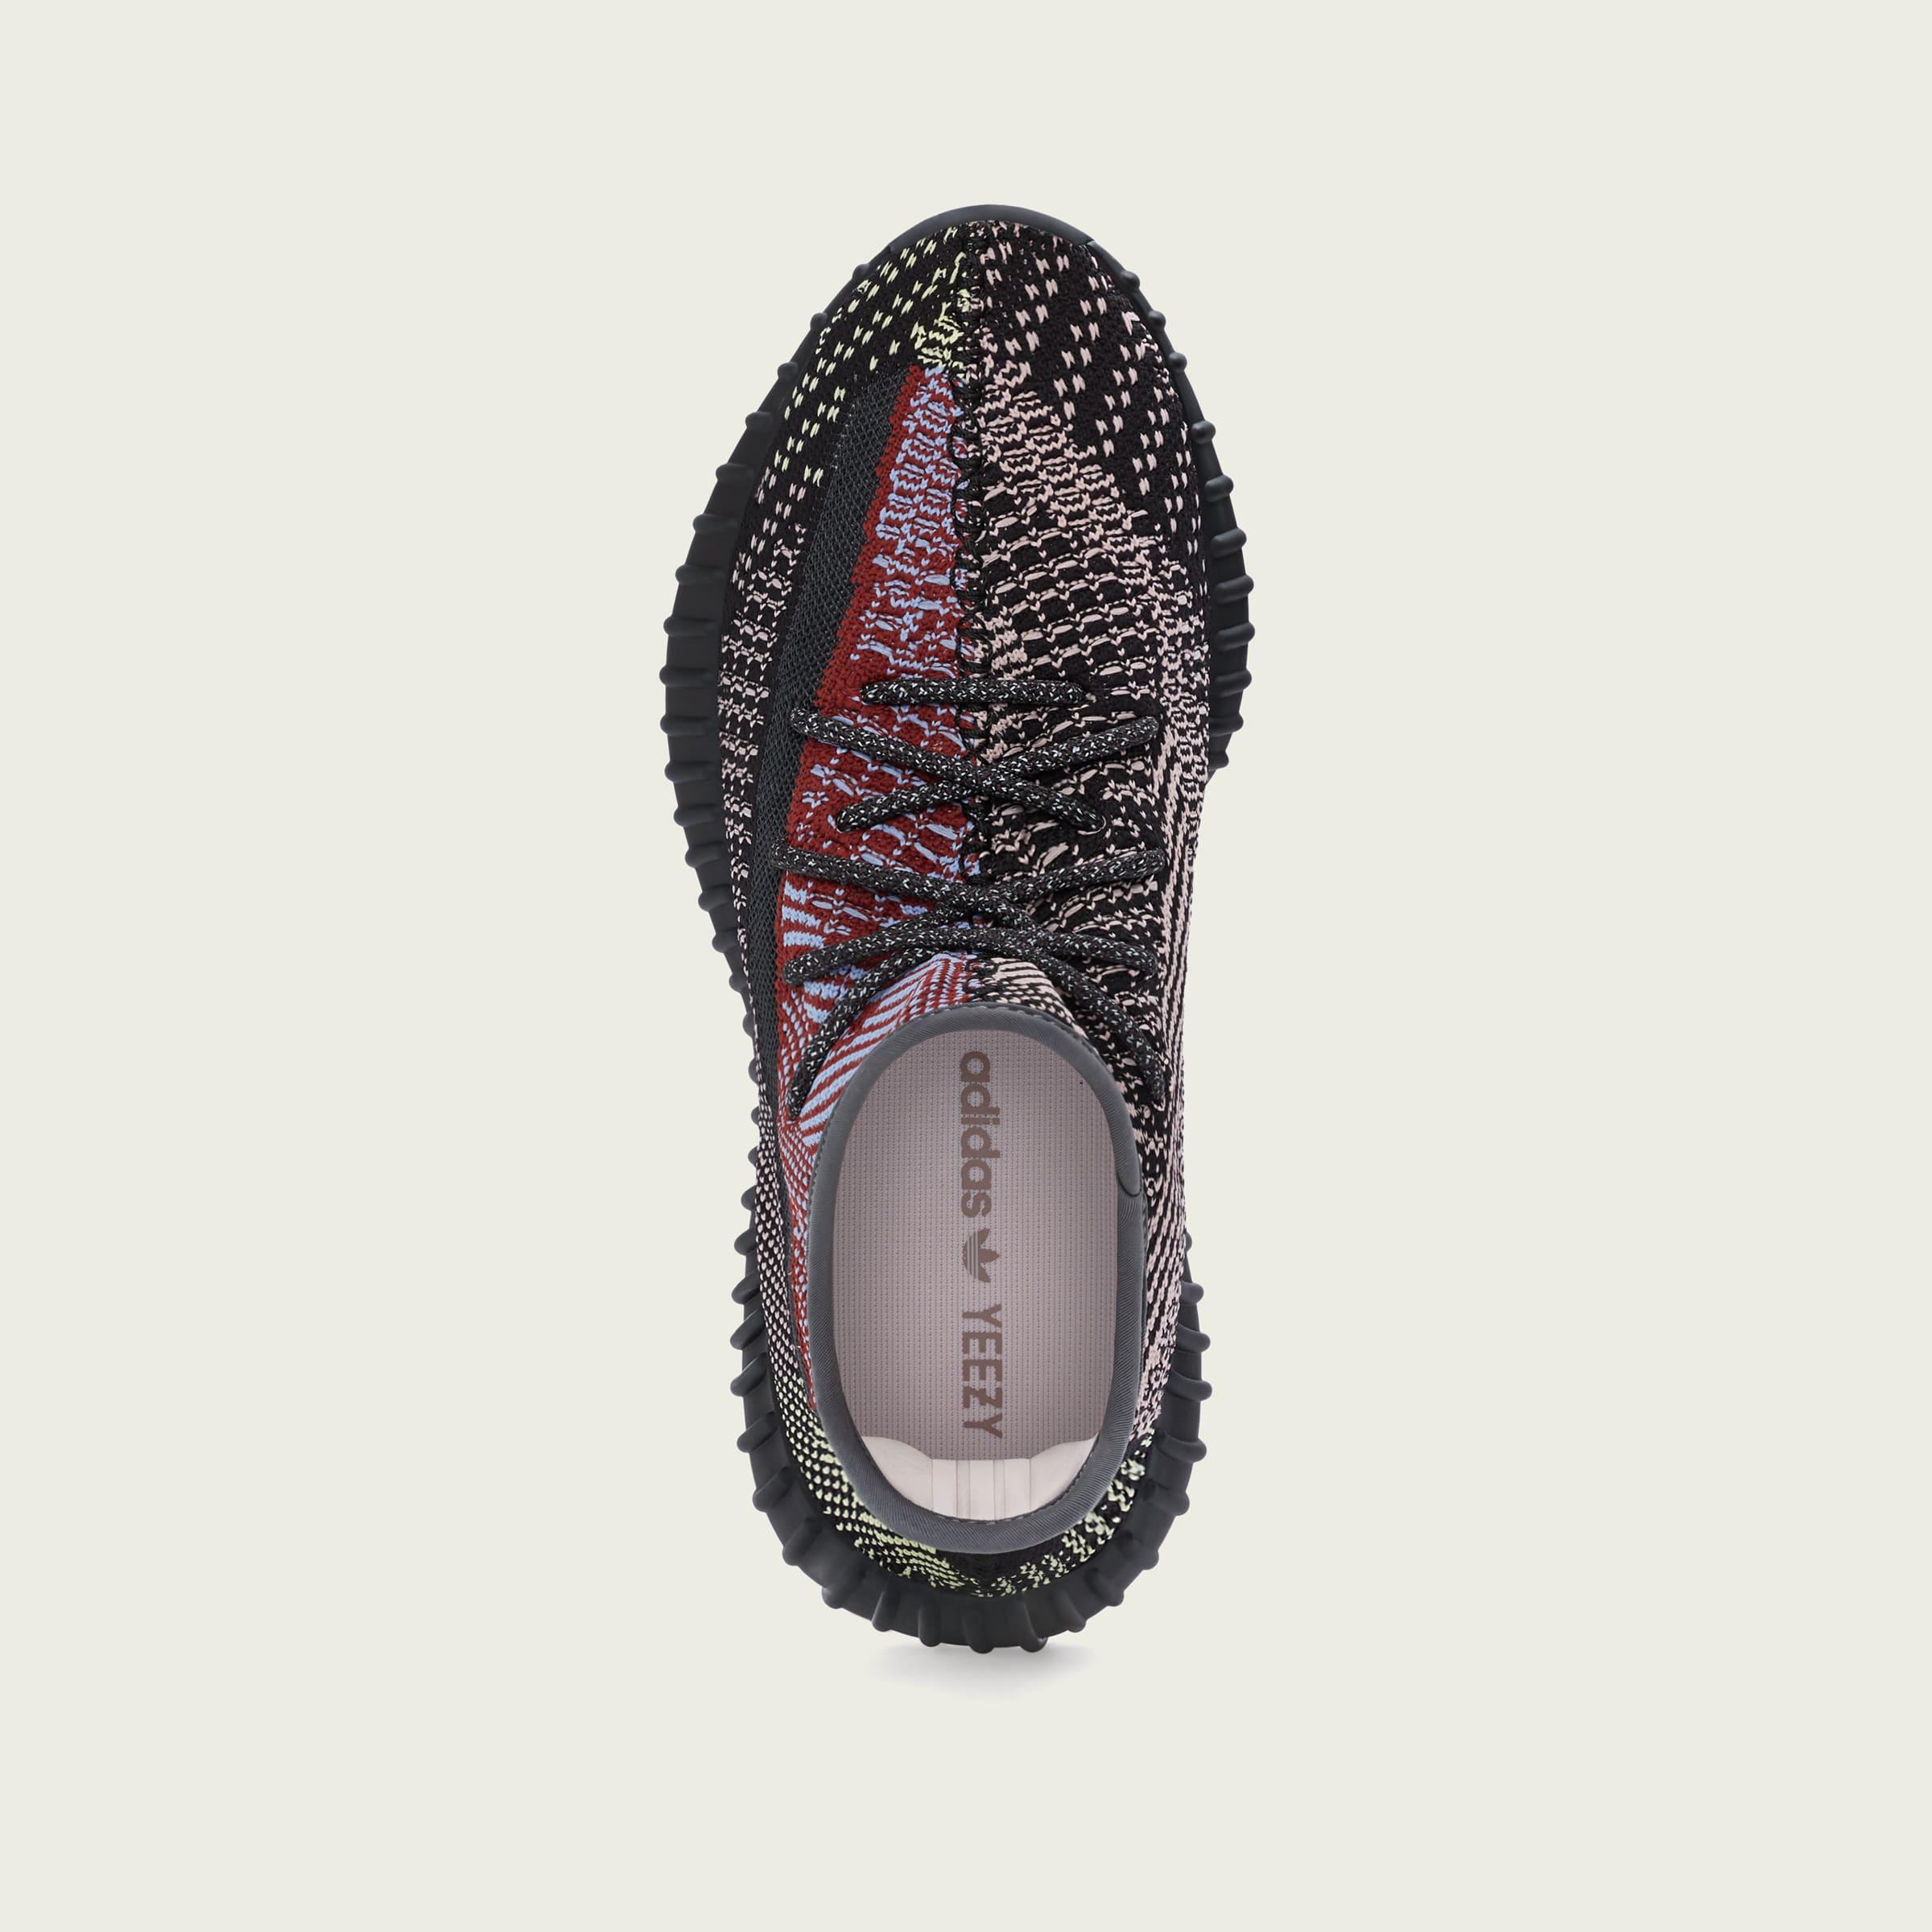 adidas YEEZY Boost 350 v2 'Yecheil' - FW5190